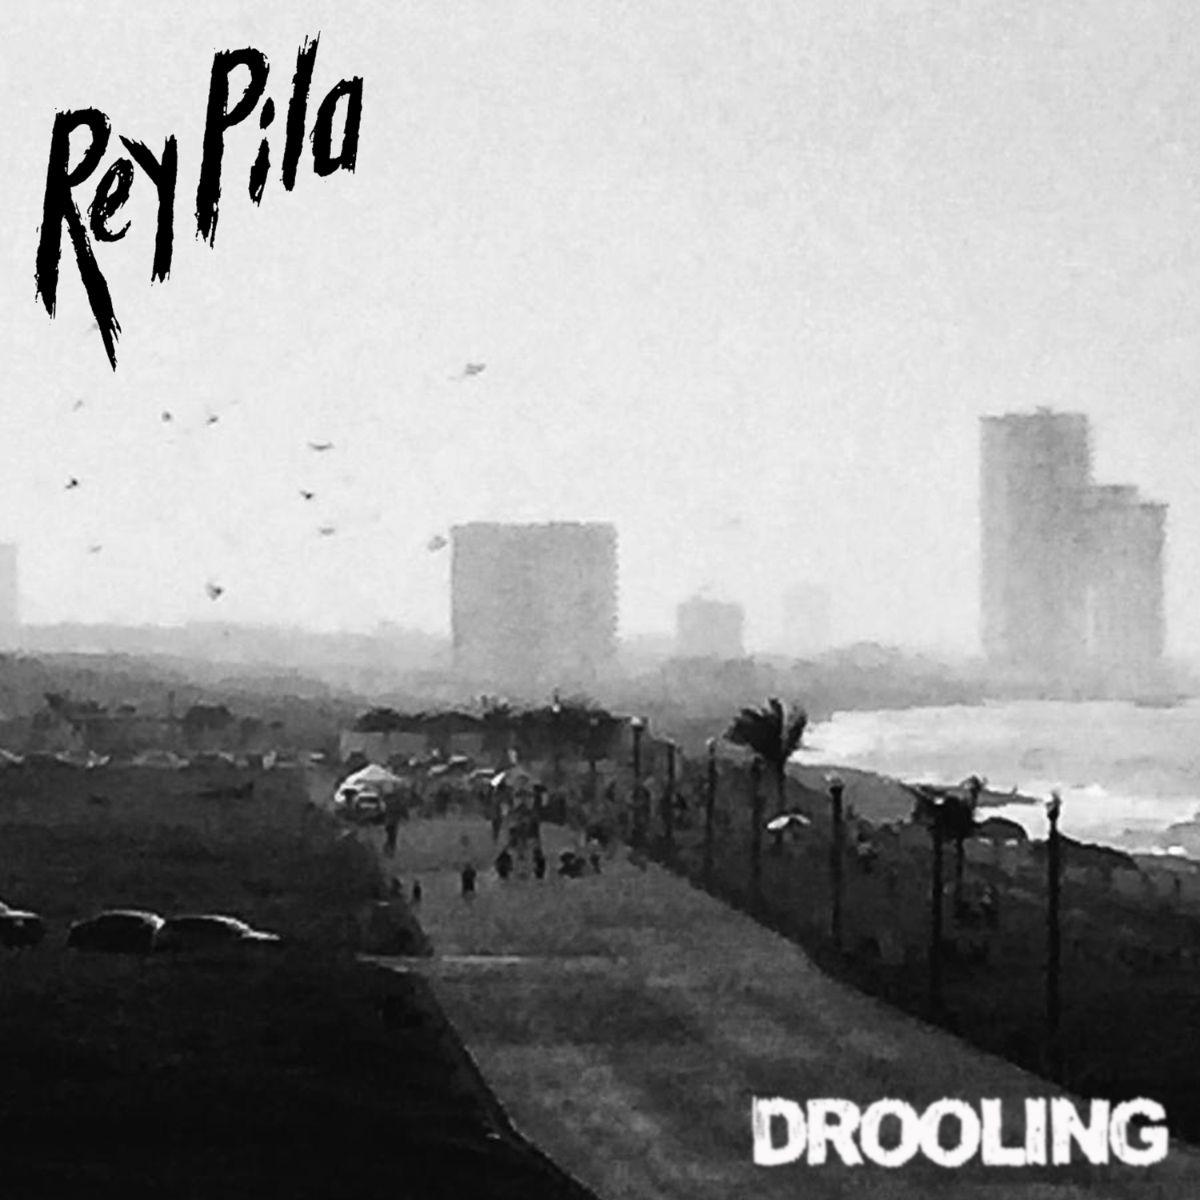 """Rey Pila regresa con nuevo sencillo """"Drooling"""""""